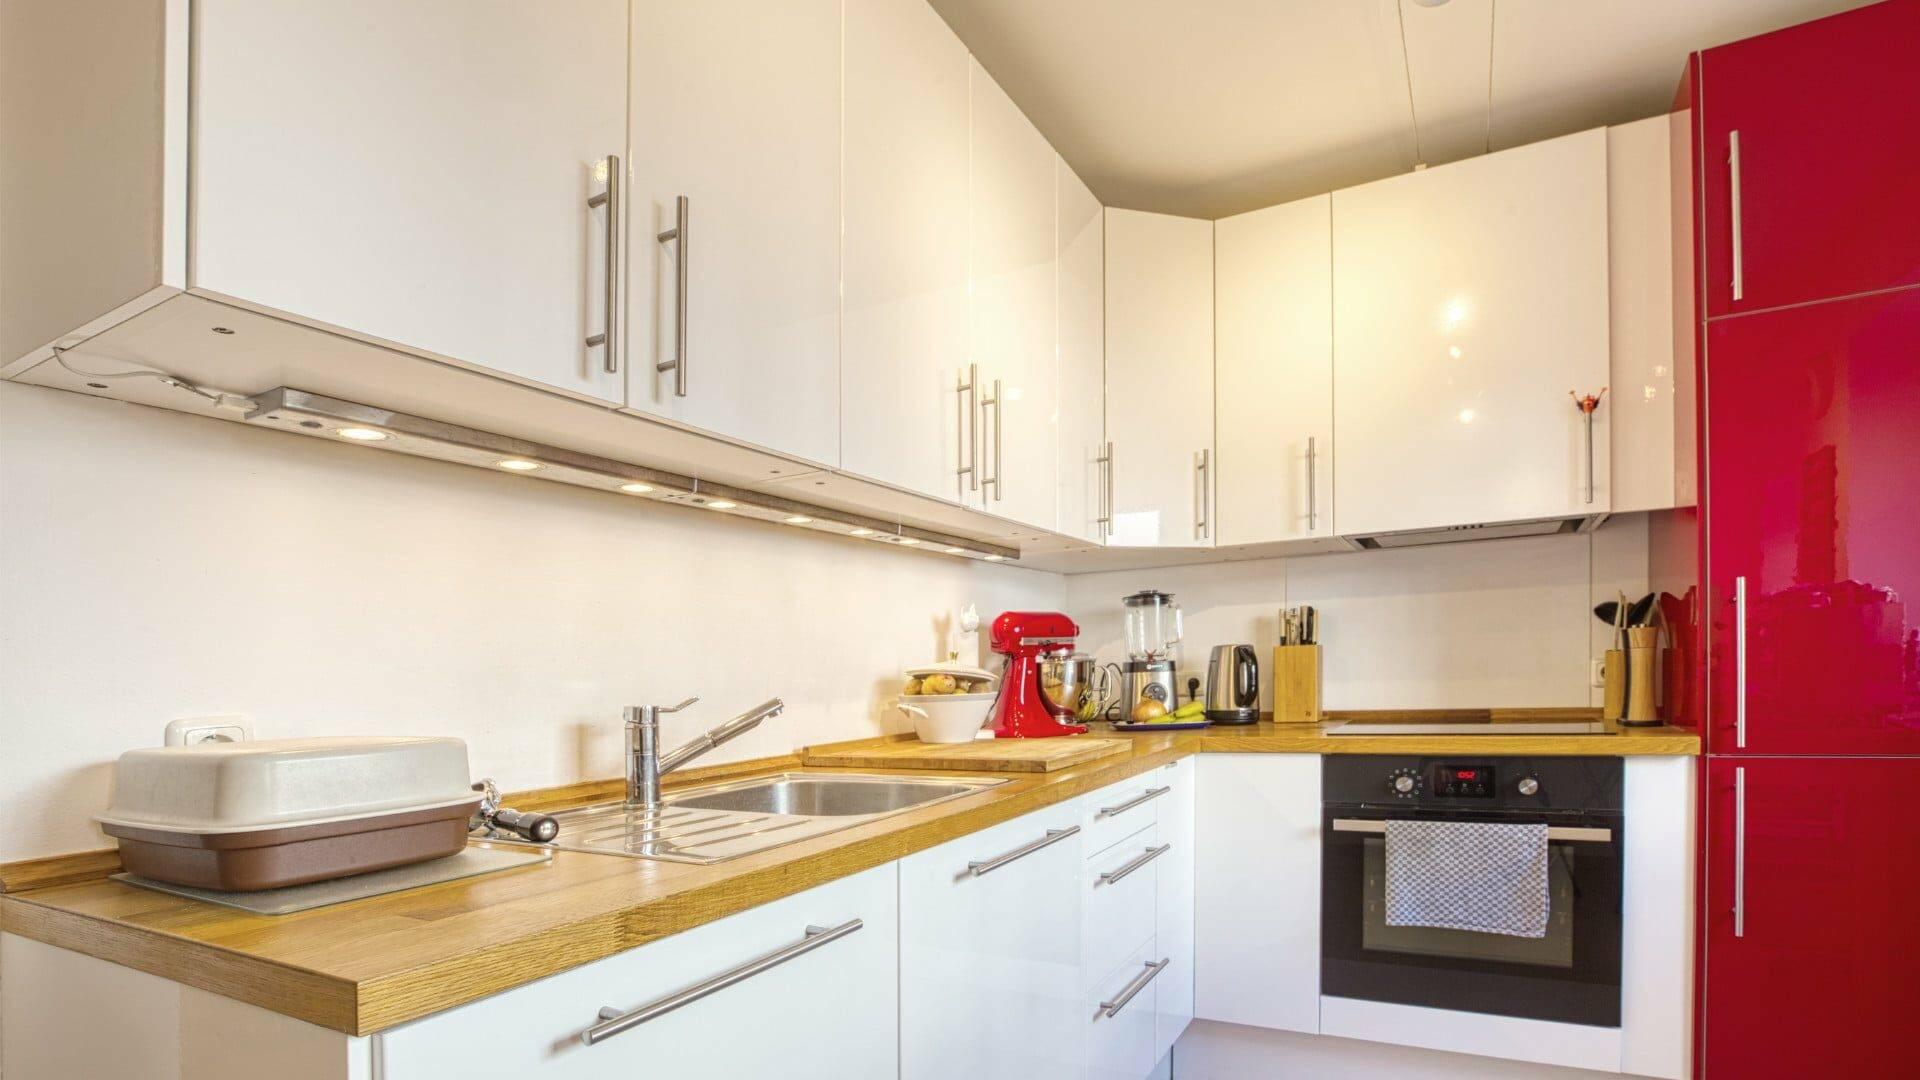 Obersendling Wohnung Küche